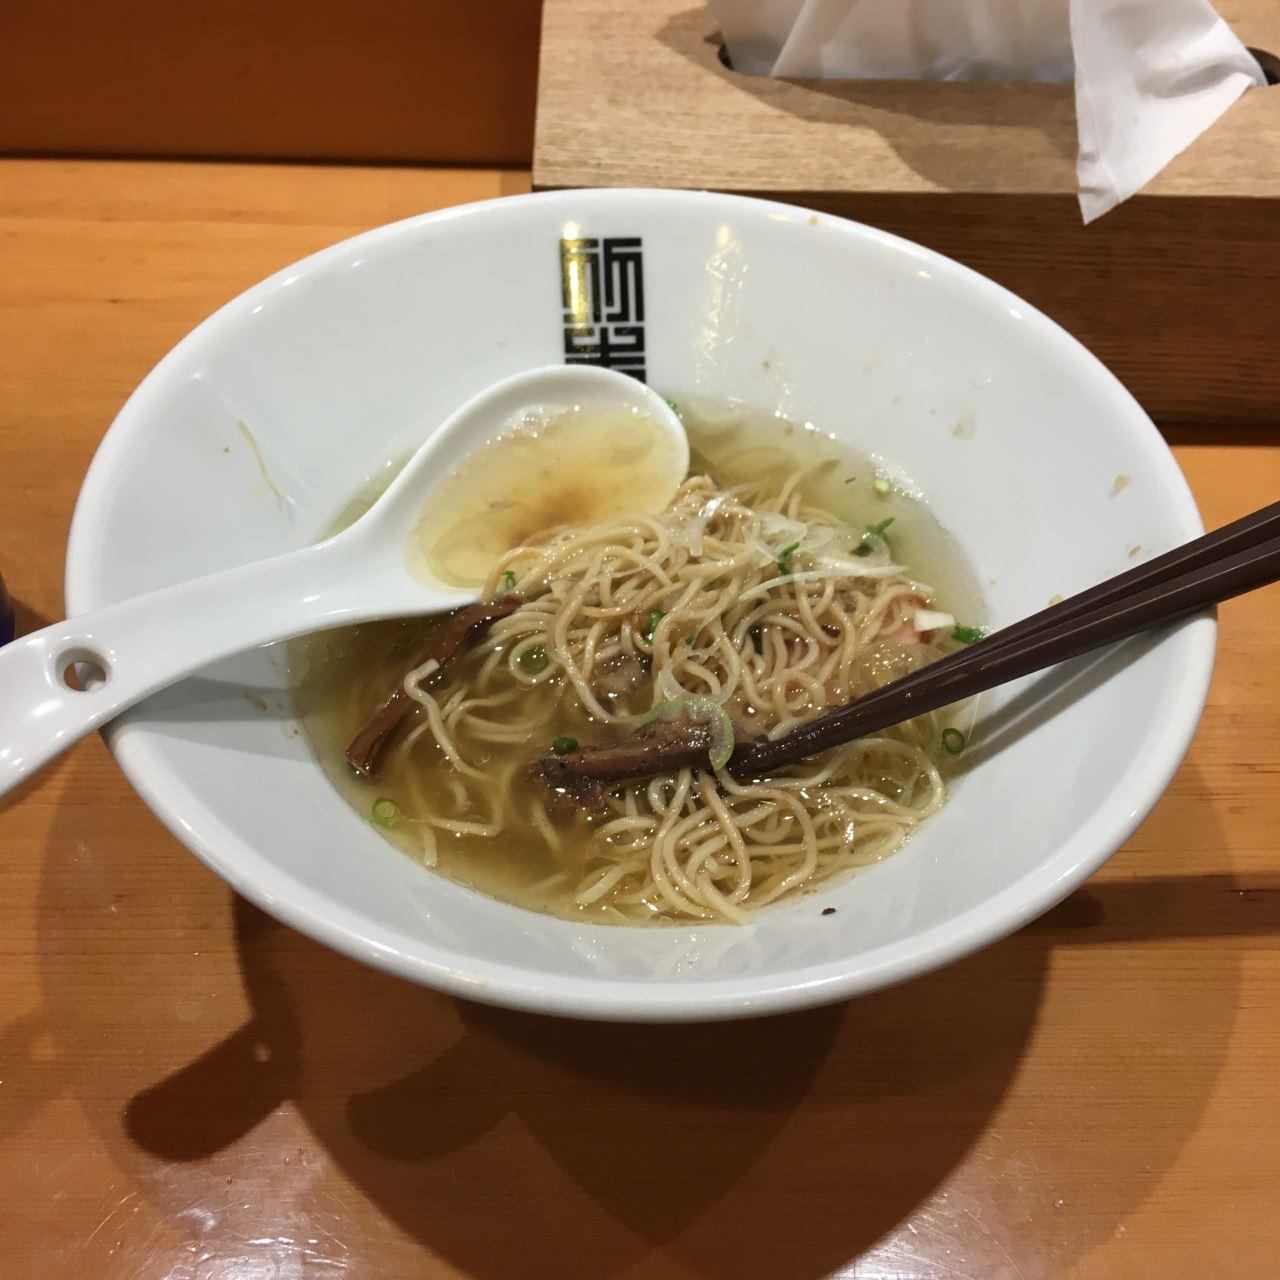 混ぜてみた状態 竹末東京プレミアムのサンマとイカのまぜそば細麺版